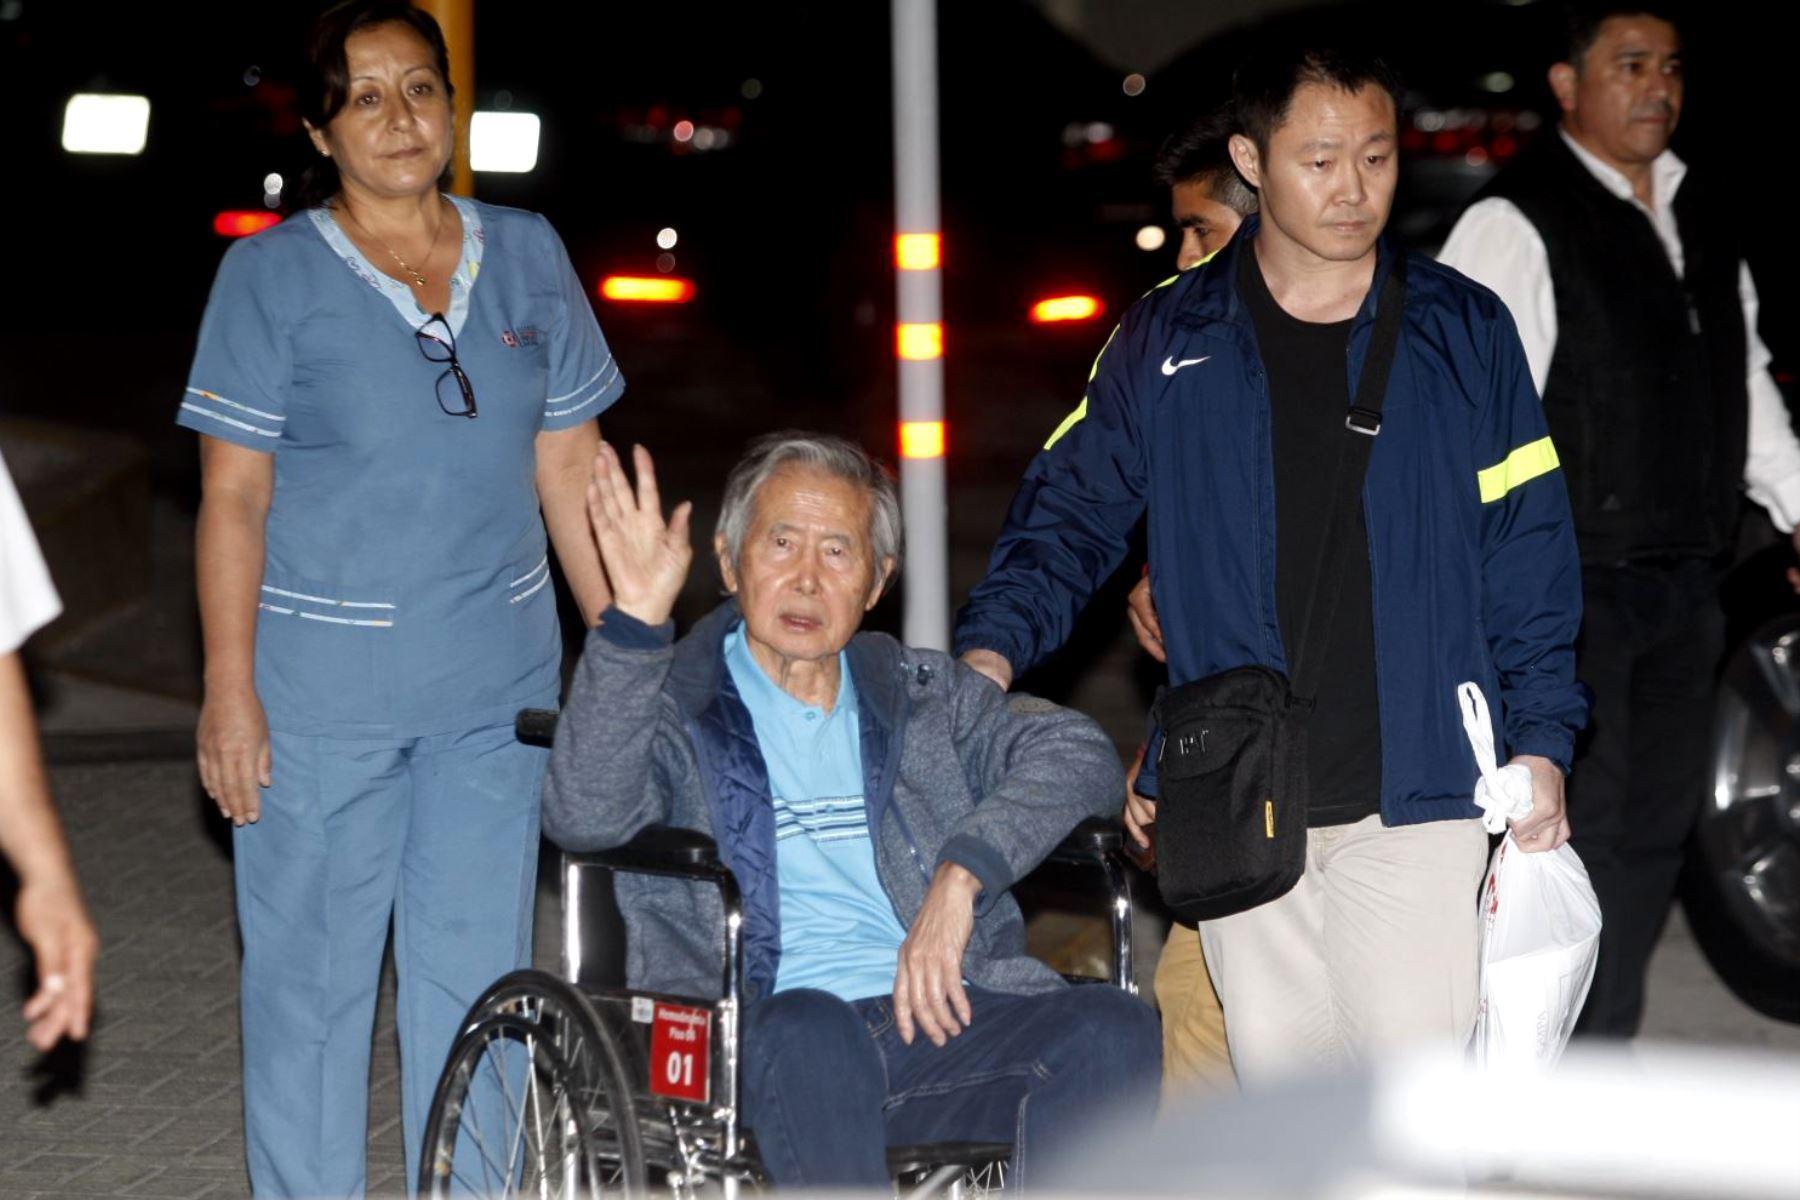 Fujimori vuelve a prisión tras anularse su indulto humanitario